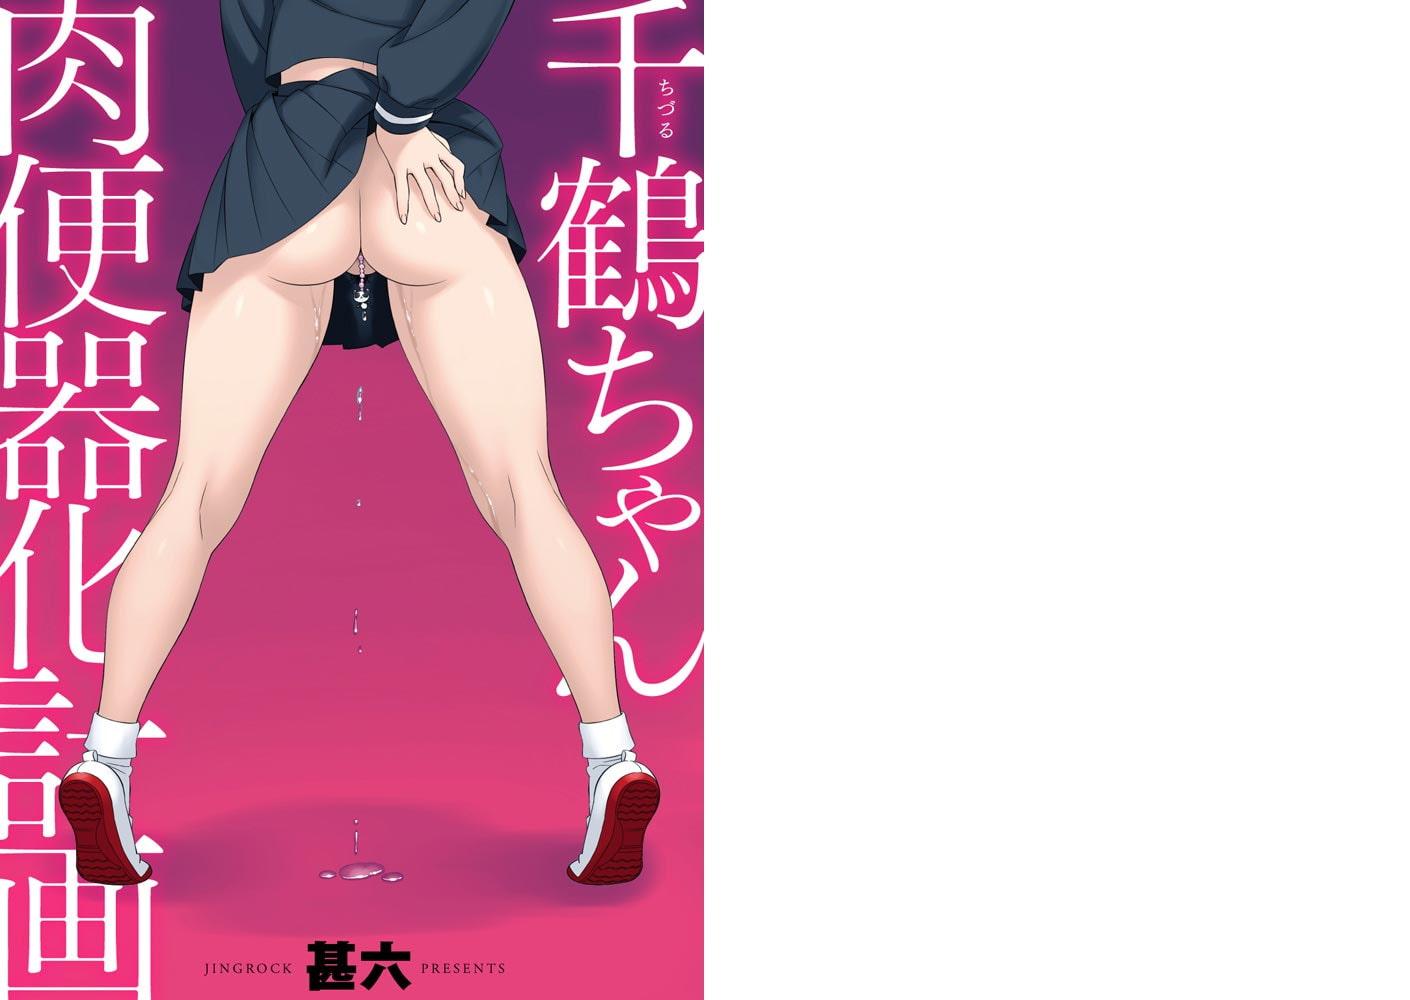 千鶴(ちづる)ちゃん肉便器化計画のサンプル画像